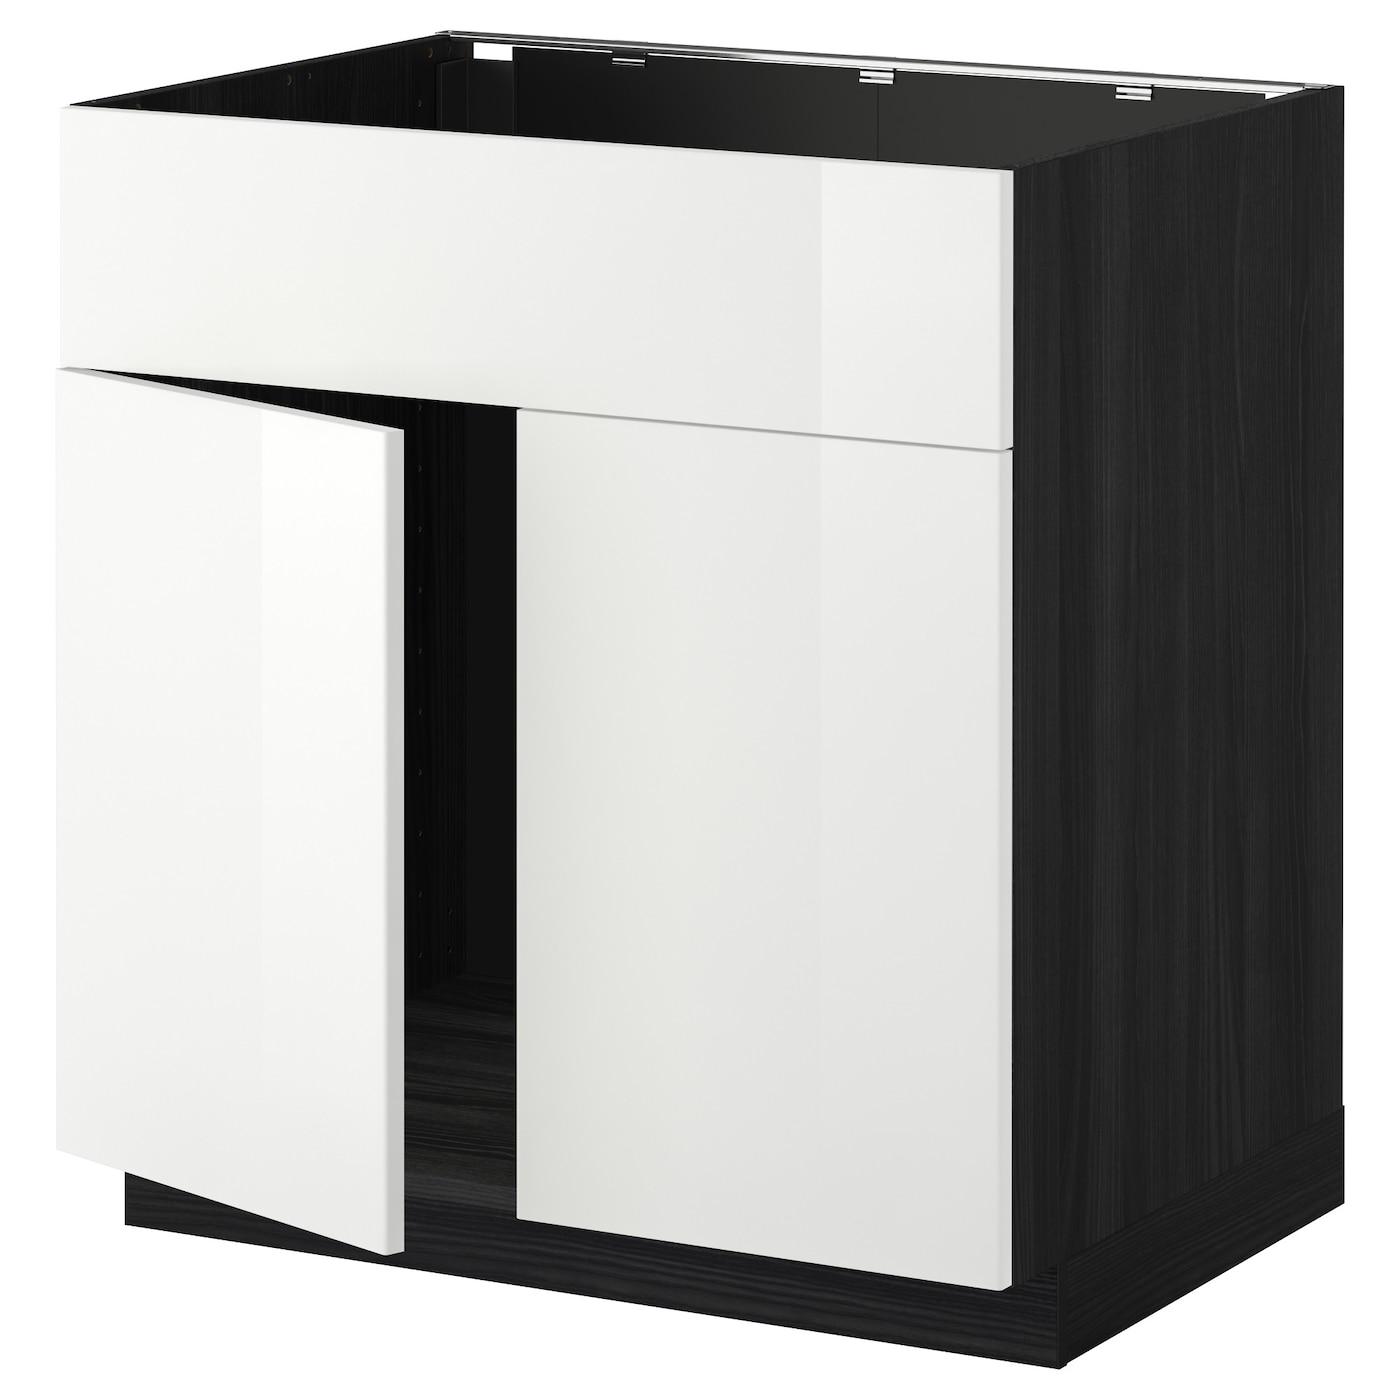 METOD, Unterschr für Spüle+2 Türen/Front, schwarz 490.276.06